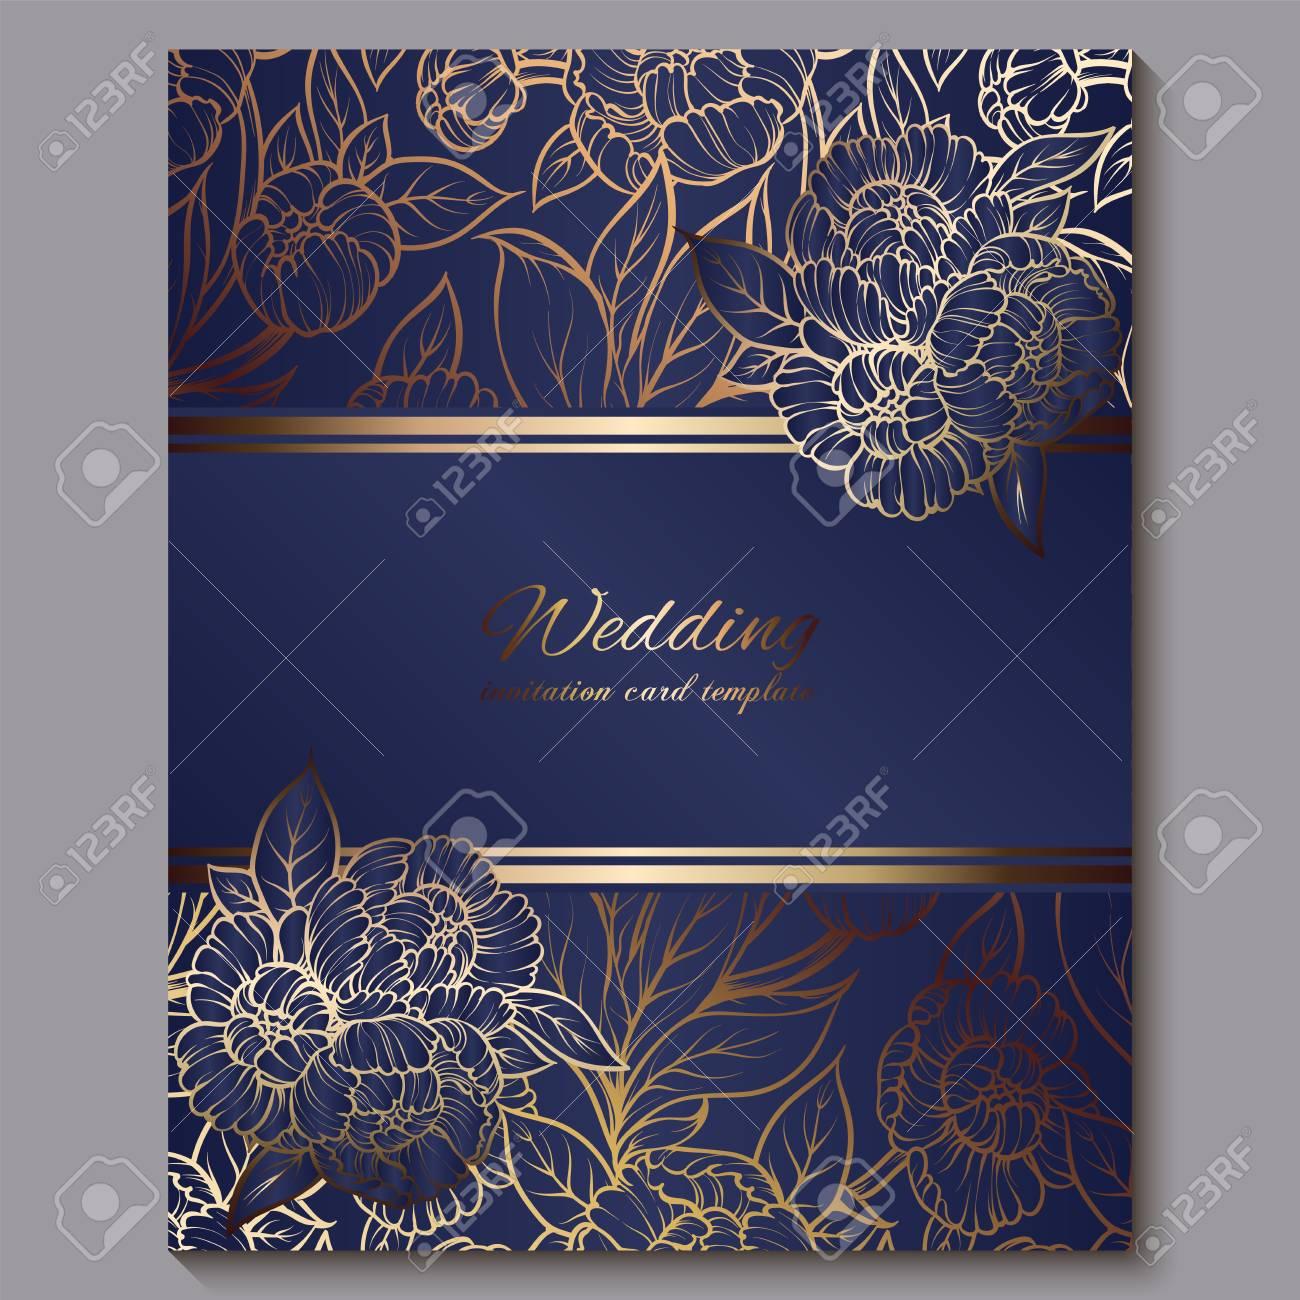 Unduh 60 Koleksi Background Royal Blue Gold HD Gratis